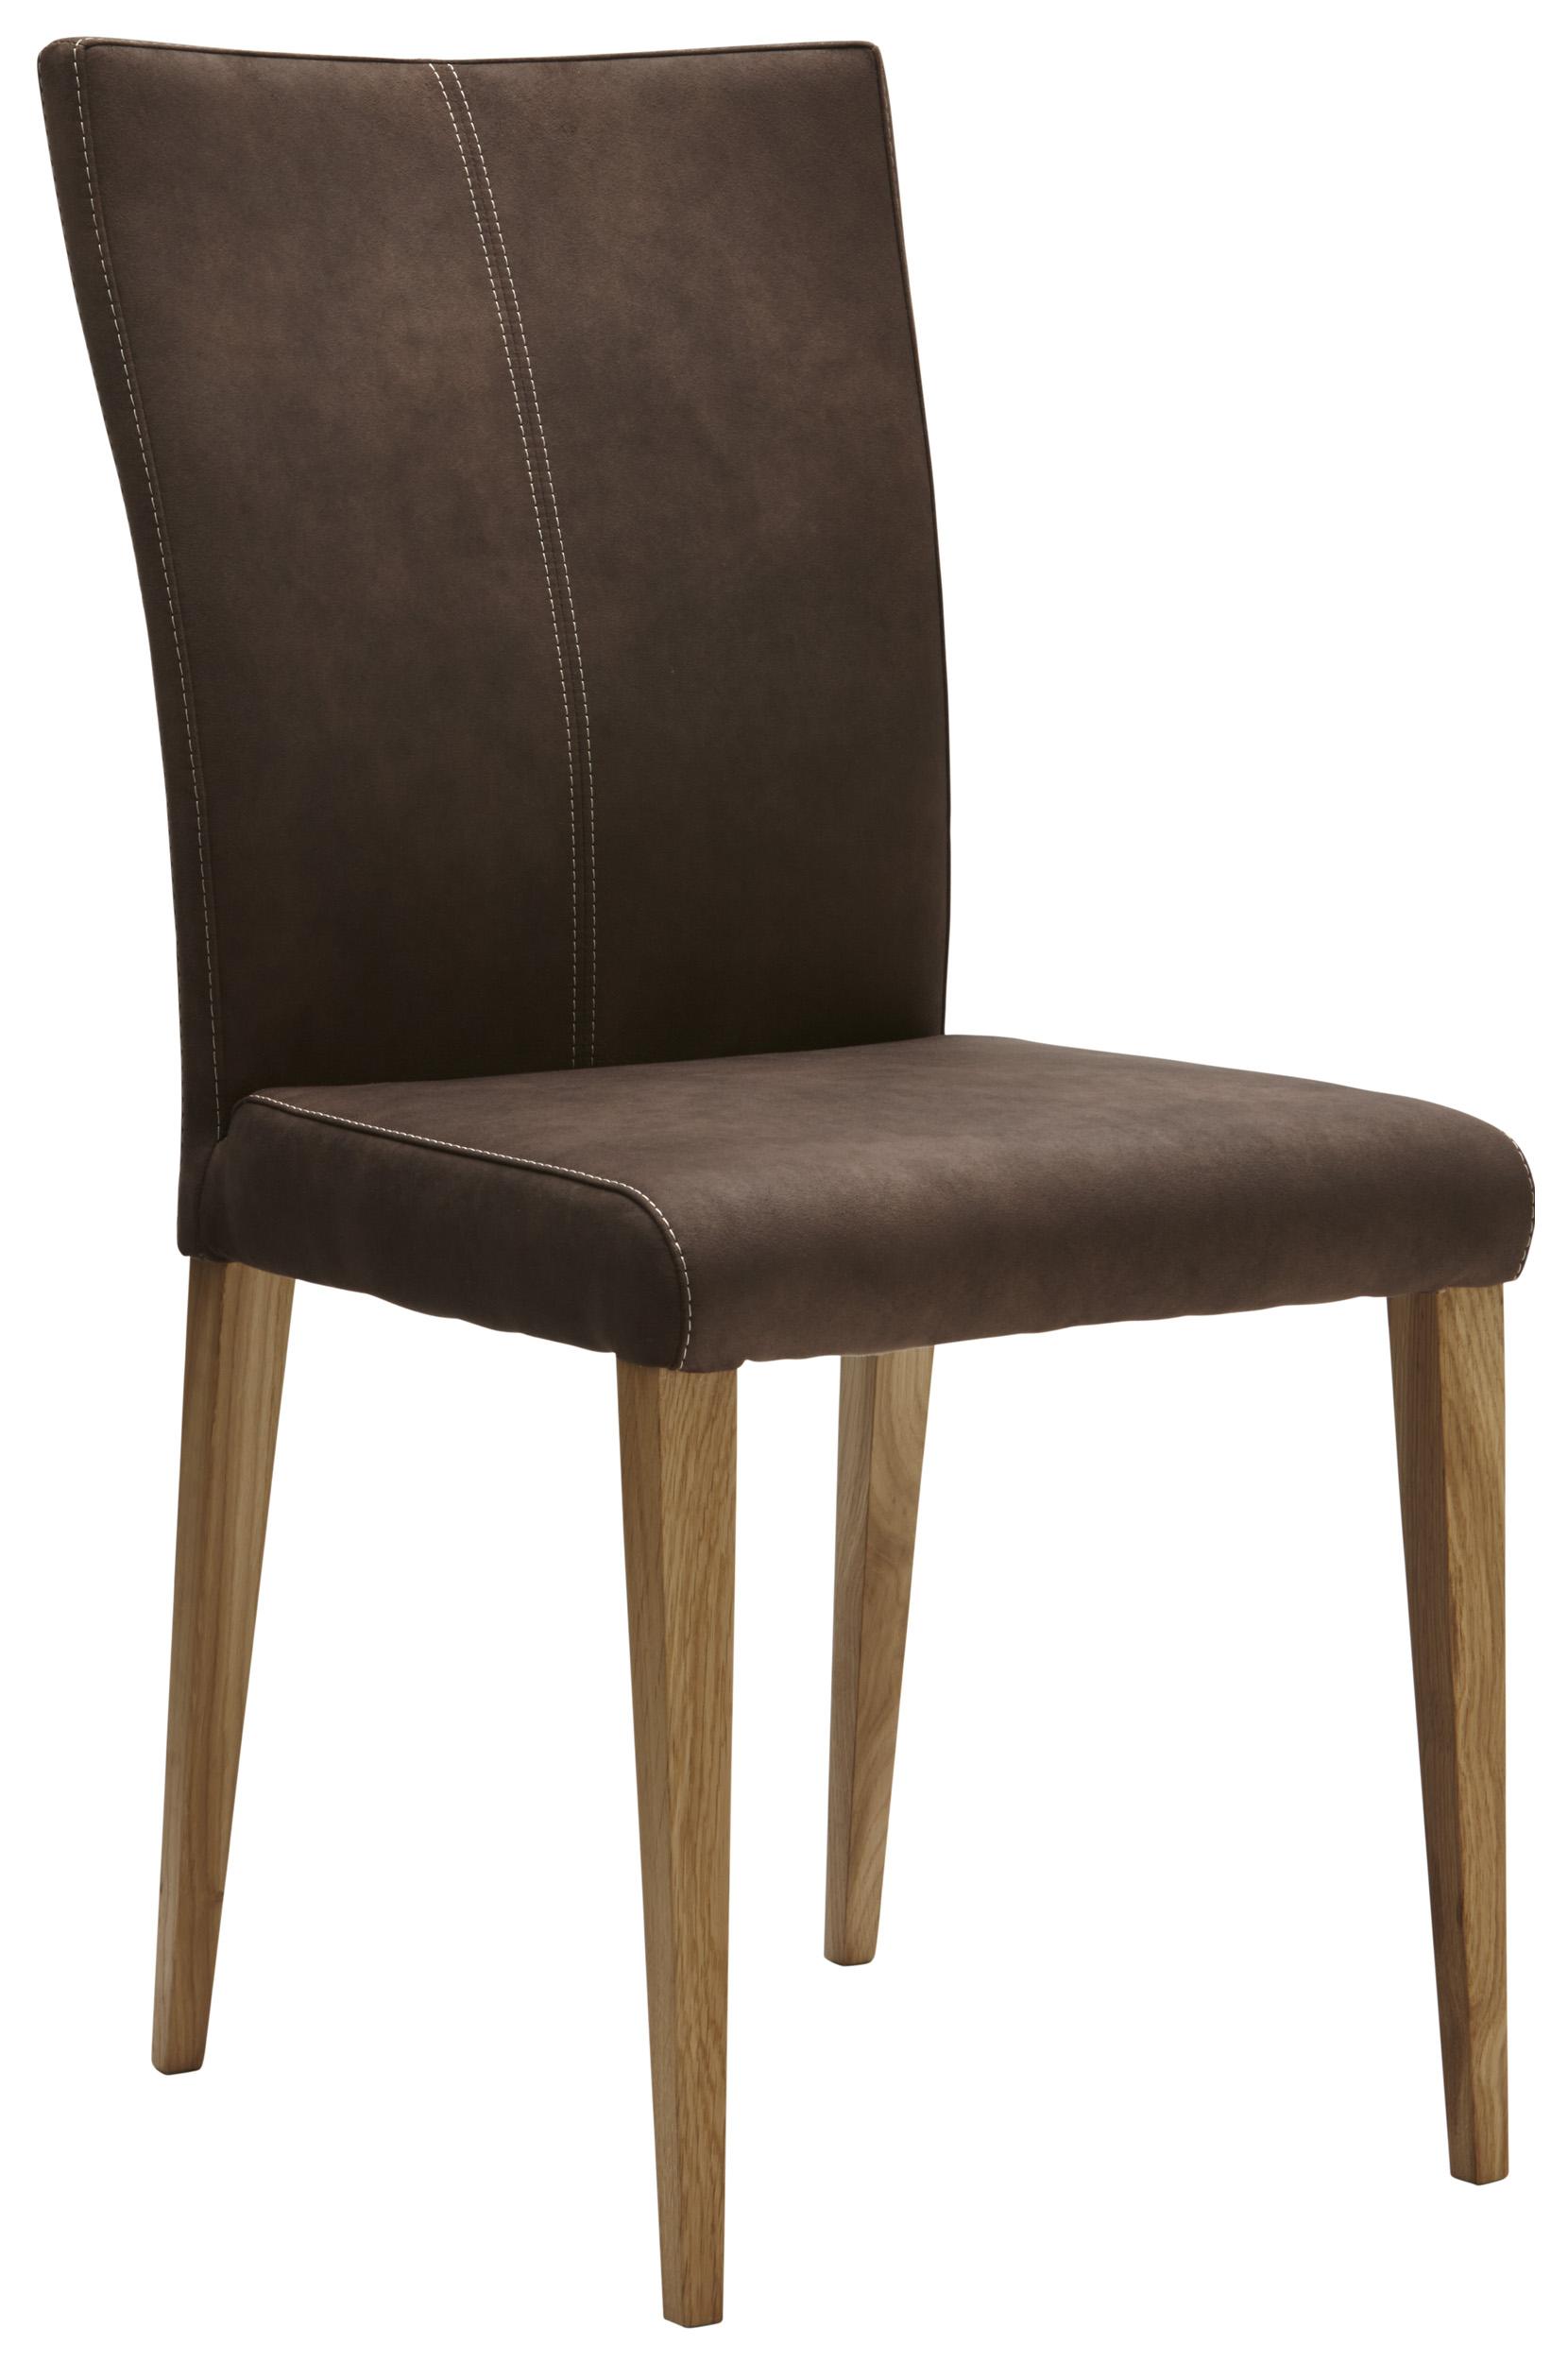 Brauner Stuhl In Stoff Mit Beiger Kontrastnaht Natura 4110